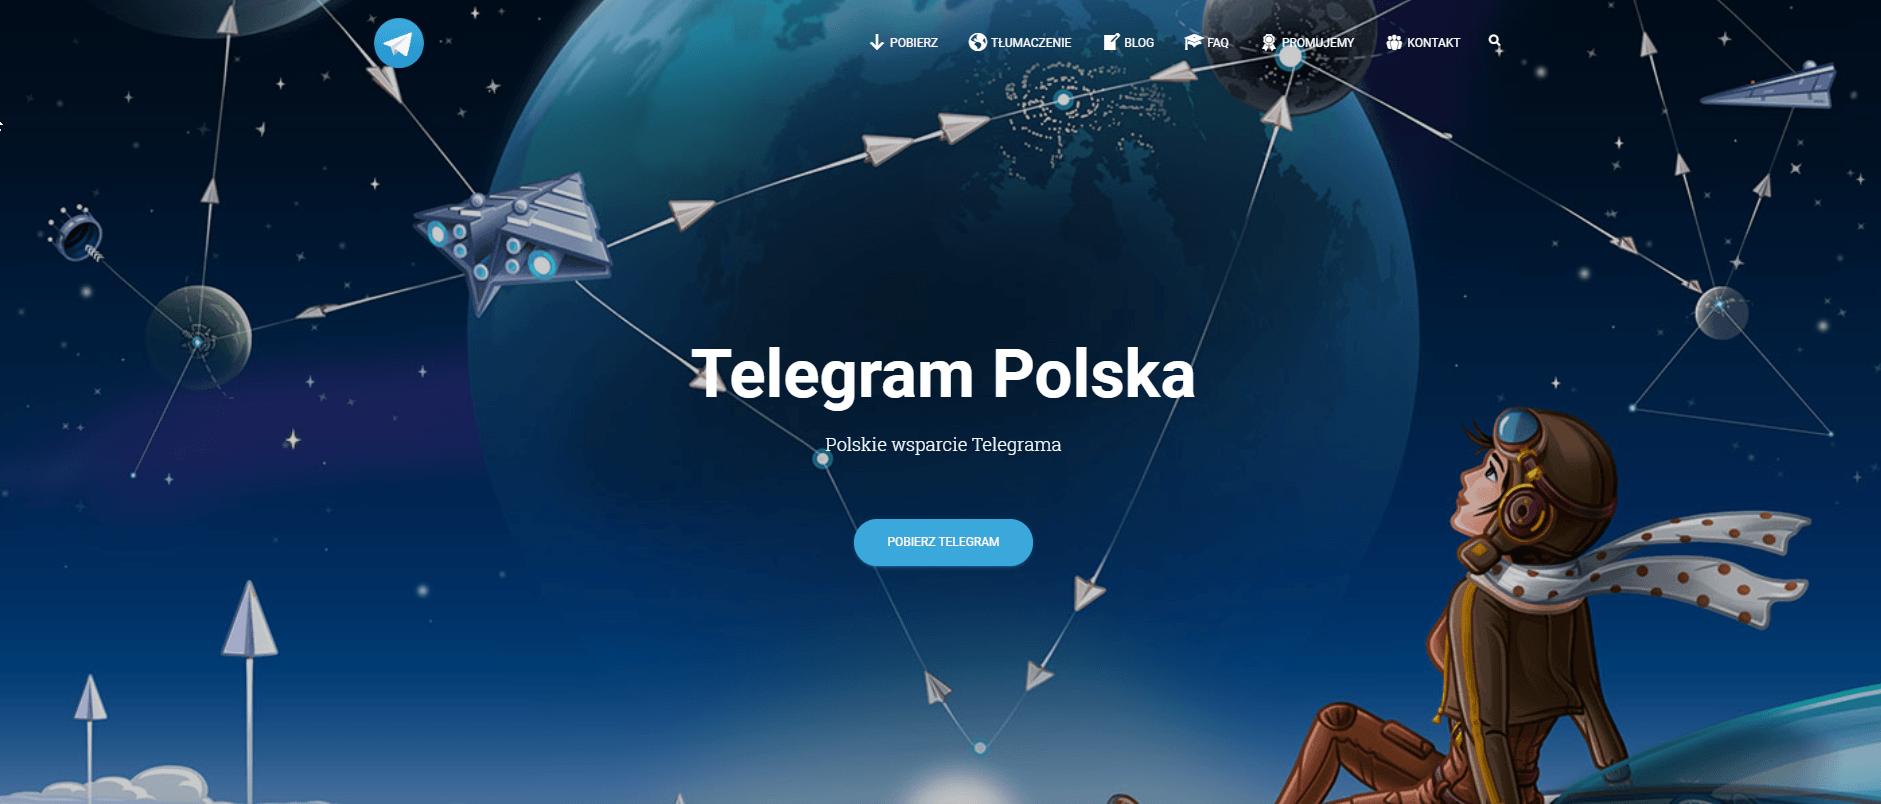 Telegram właśnie dostał nową, polską witrynę internetową